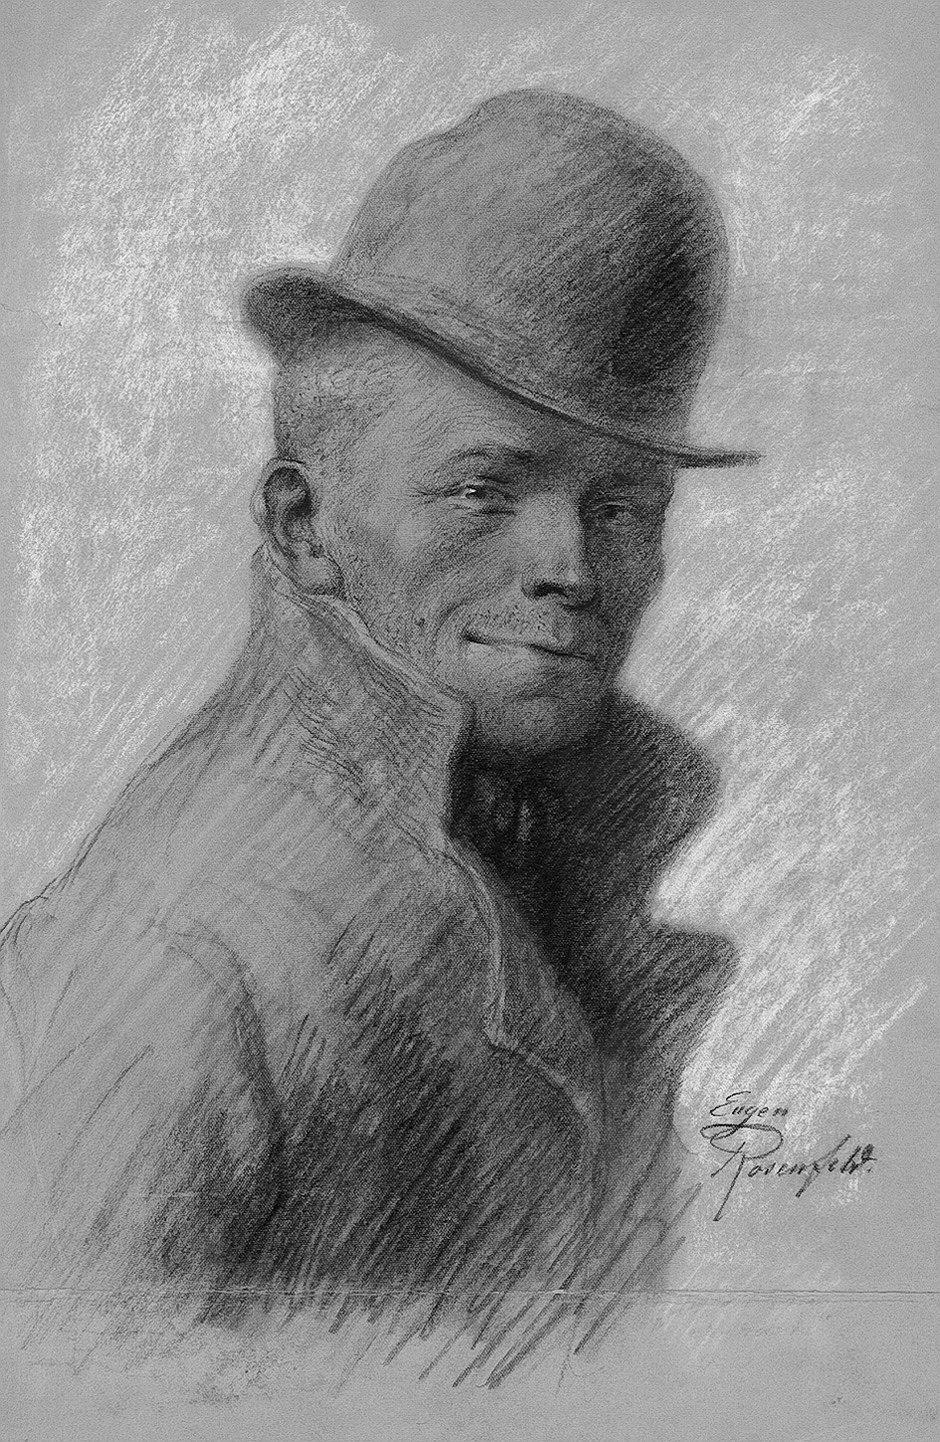 Karl Valentin by Eugen Rosenfeld (1870 - 1940)